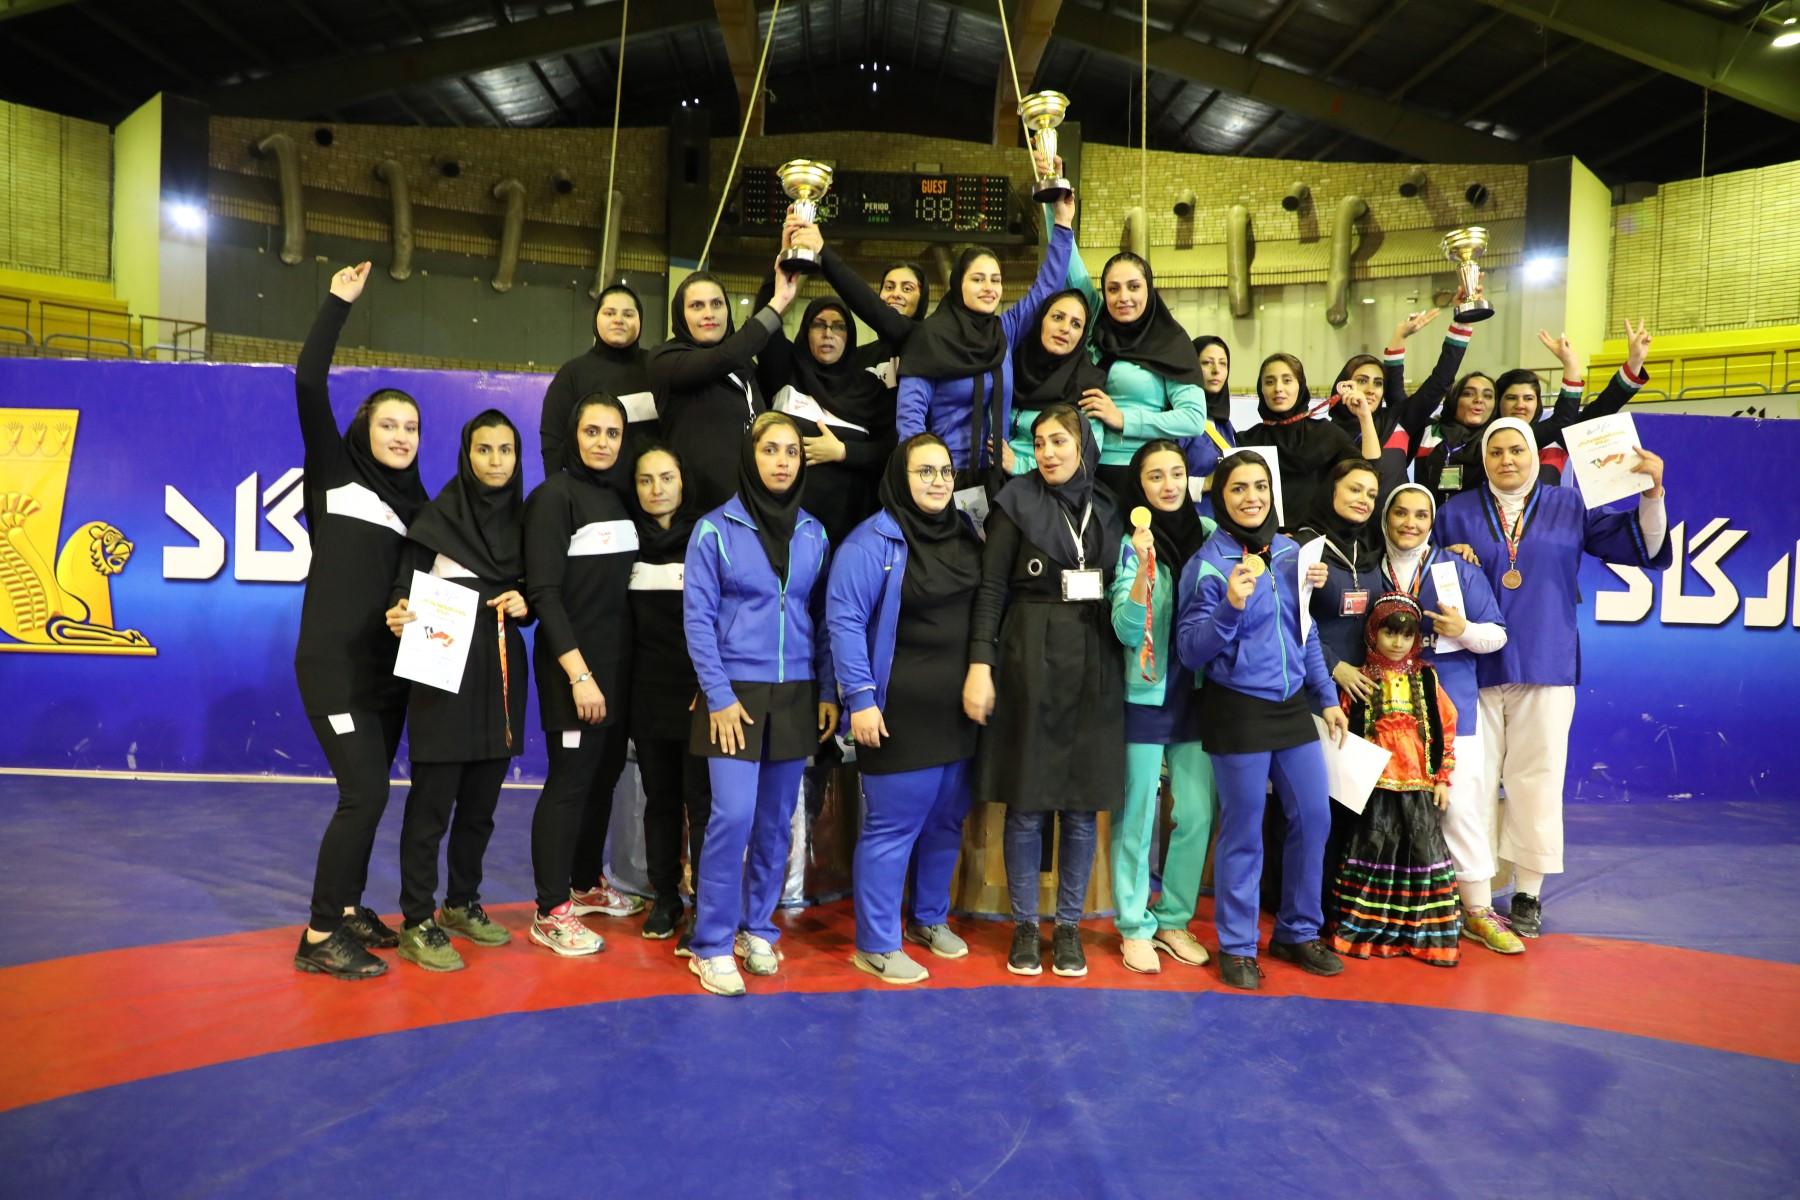 کشتی آلیش بانوان کشور اردیبهشت 98 مسابقات کشتی آلیش بانوان کشور | مازندران مدالها را درو کرد